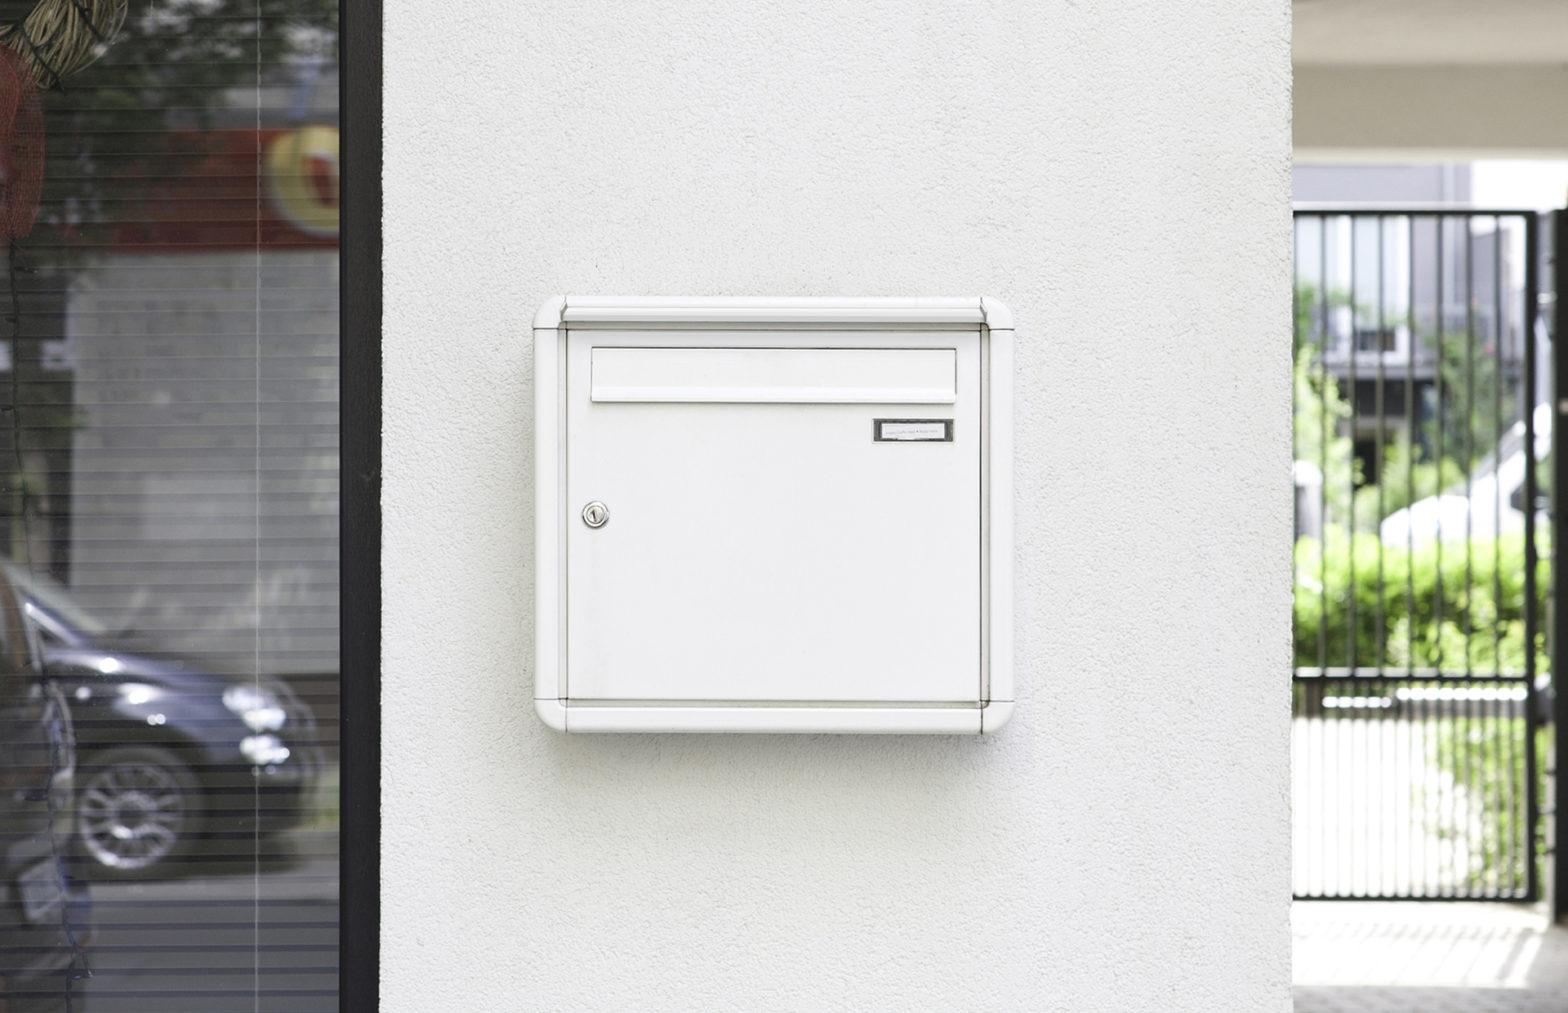 KNOBLOCH EXPRESS BOX - dreiteilige Unterputz-Briefkastenanlage mit vertikalen Kästen und Funktionskasten, mit Verkleidung RI 120 (UP31-120)